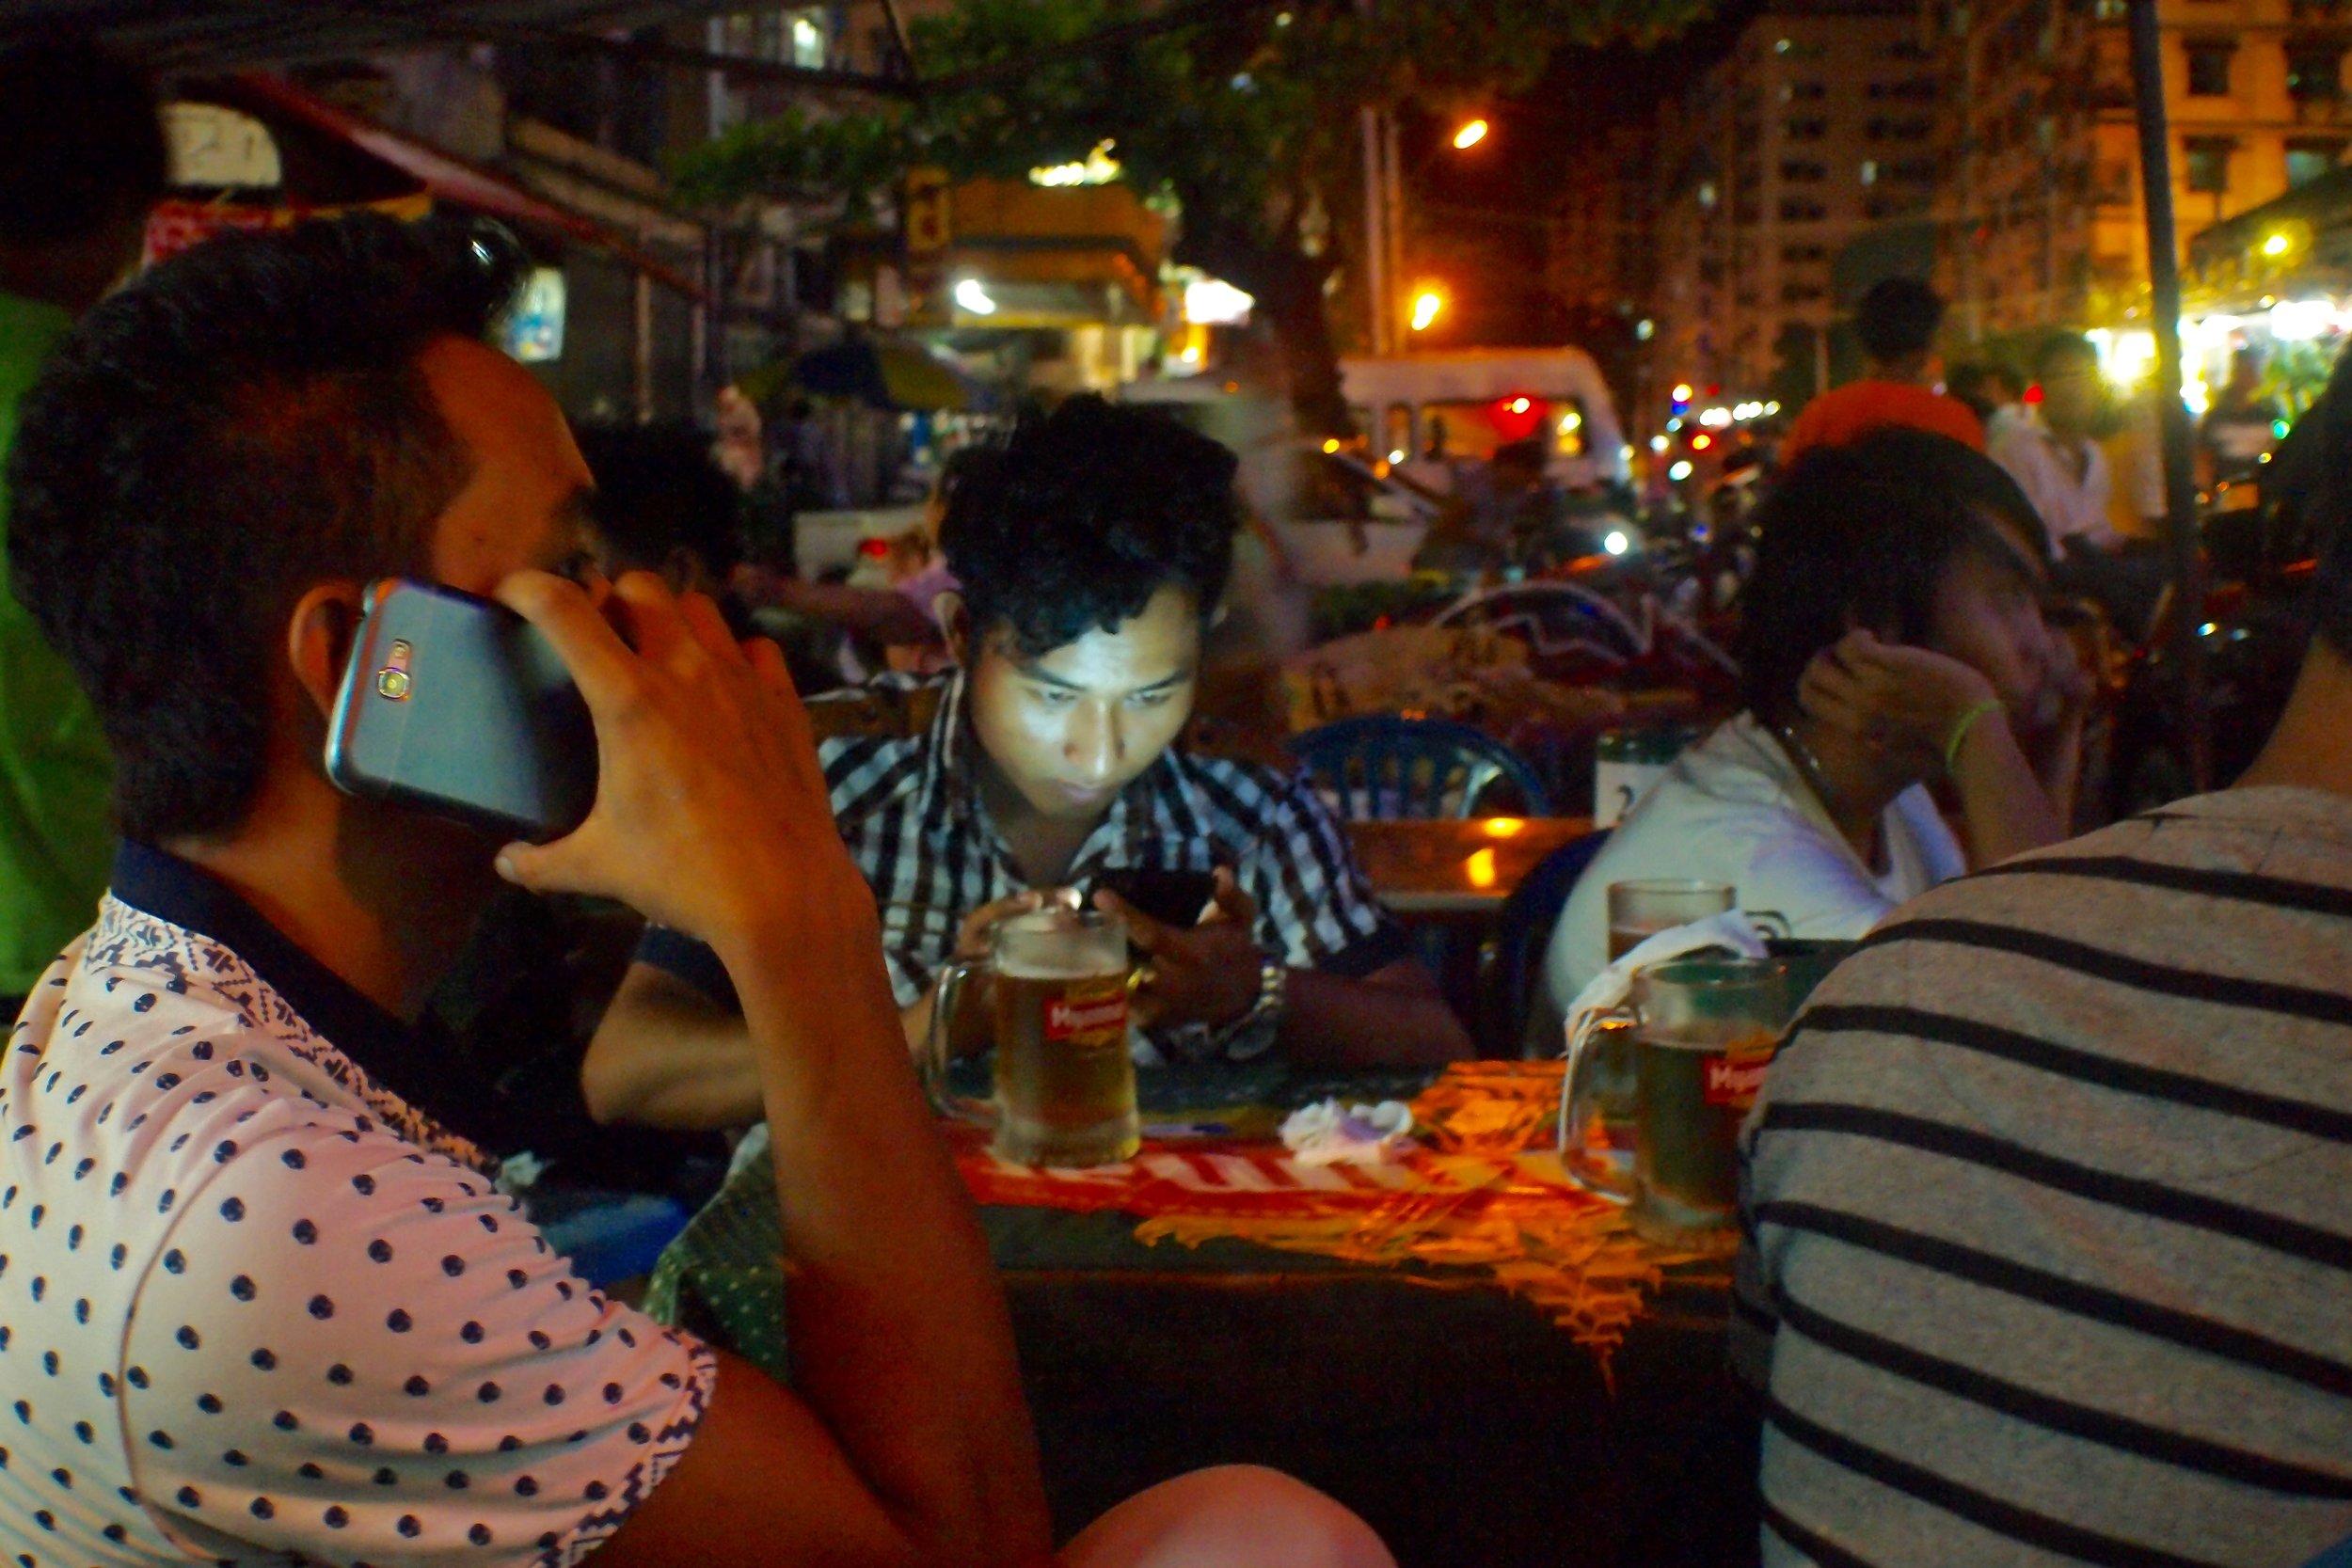 Smartphone users on a street in Yangon, Myanmar. (C) Remko Tanis